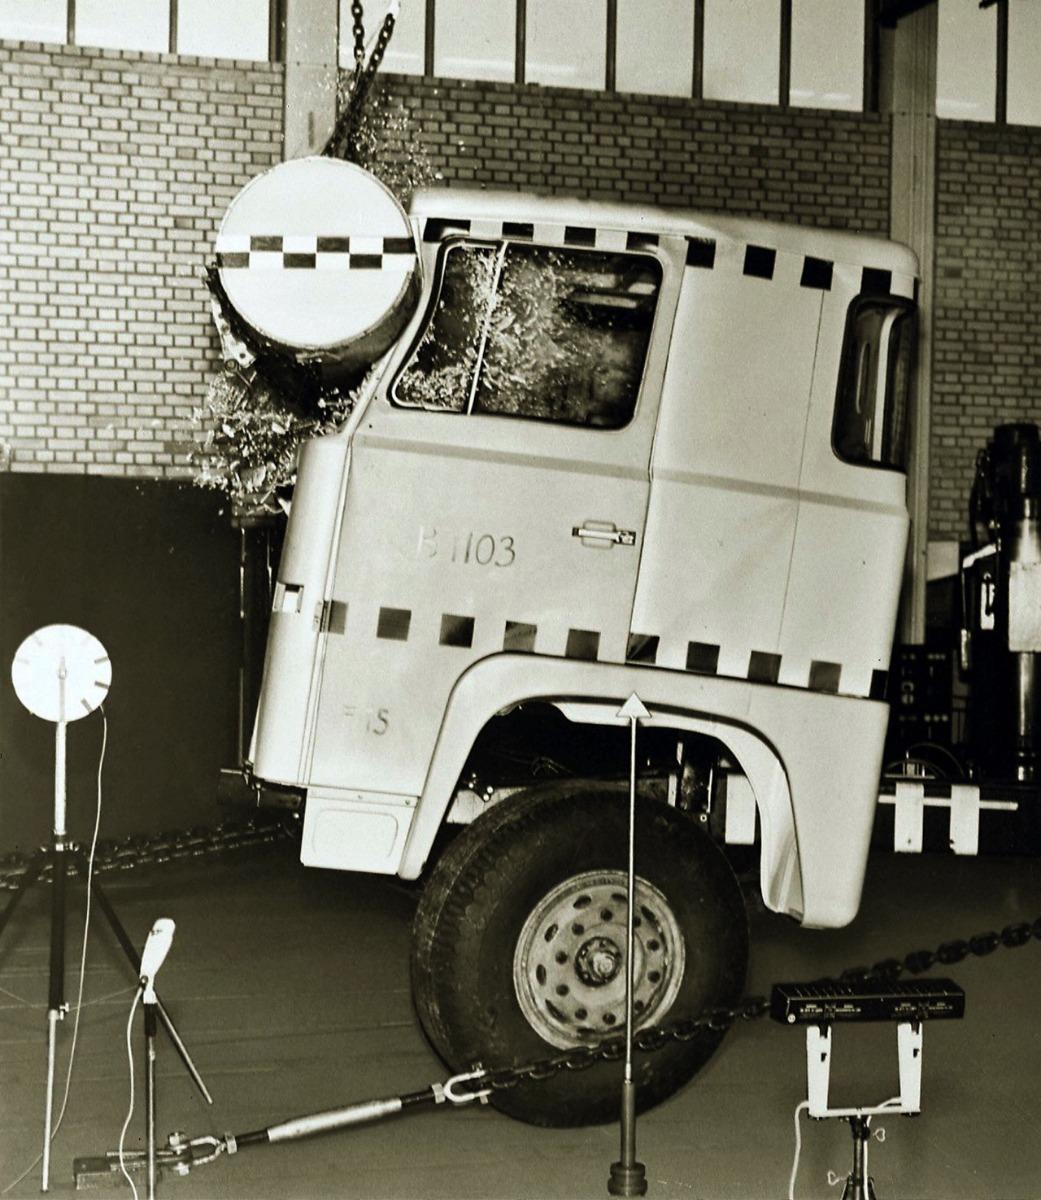 A Scania elsőként vezette be a teherautó-fülkék szigorú, ingasúlyos töréstesztjét